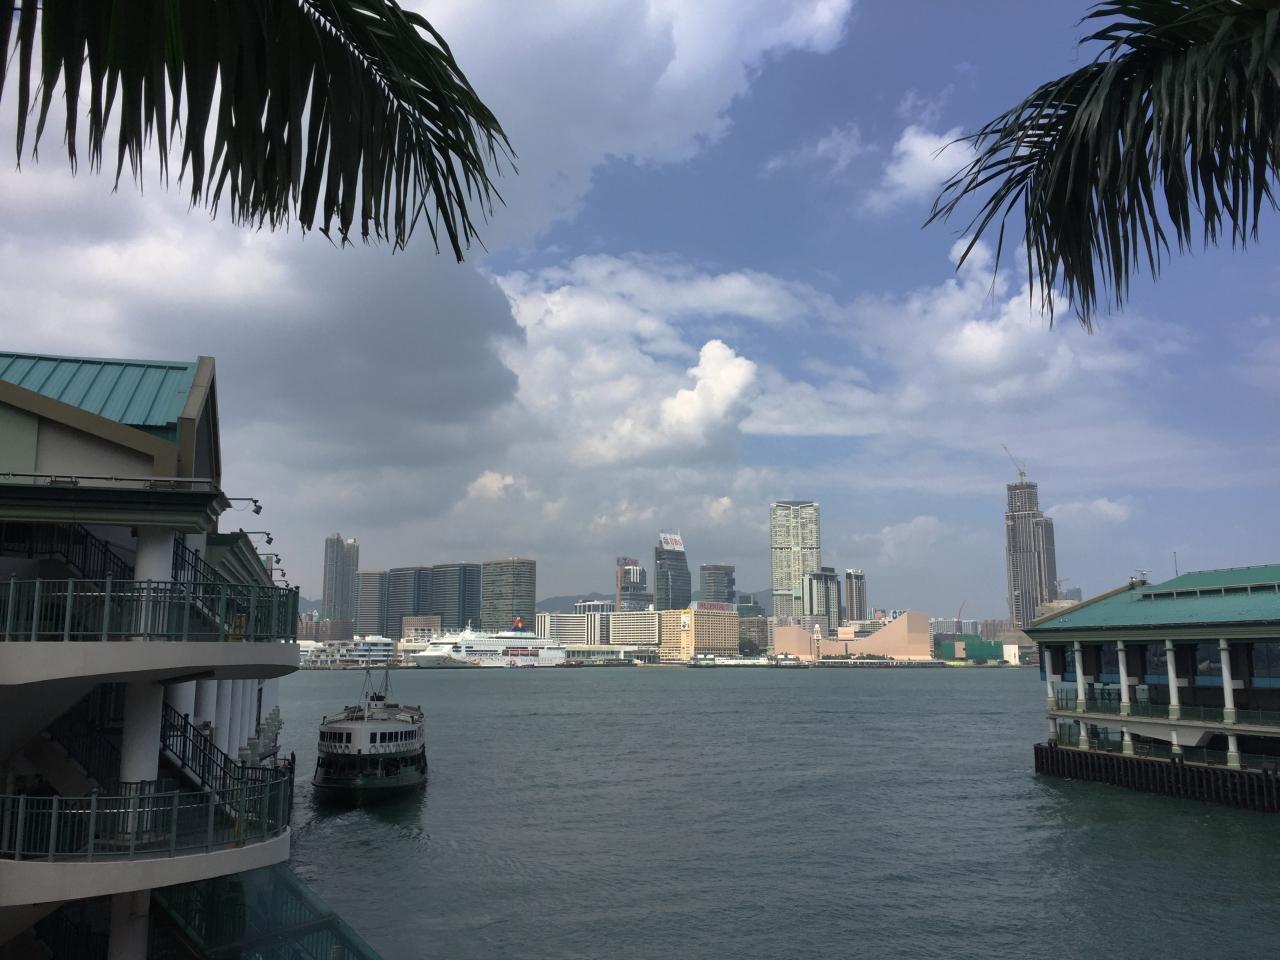 香港 #AlreadyTomorowInHongKong – Adventuring without a blue box-TARDIS| The Star Ferry- Photographer @KevinJamesNg